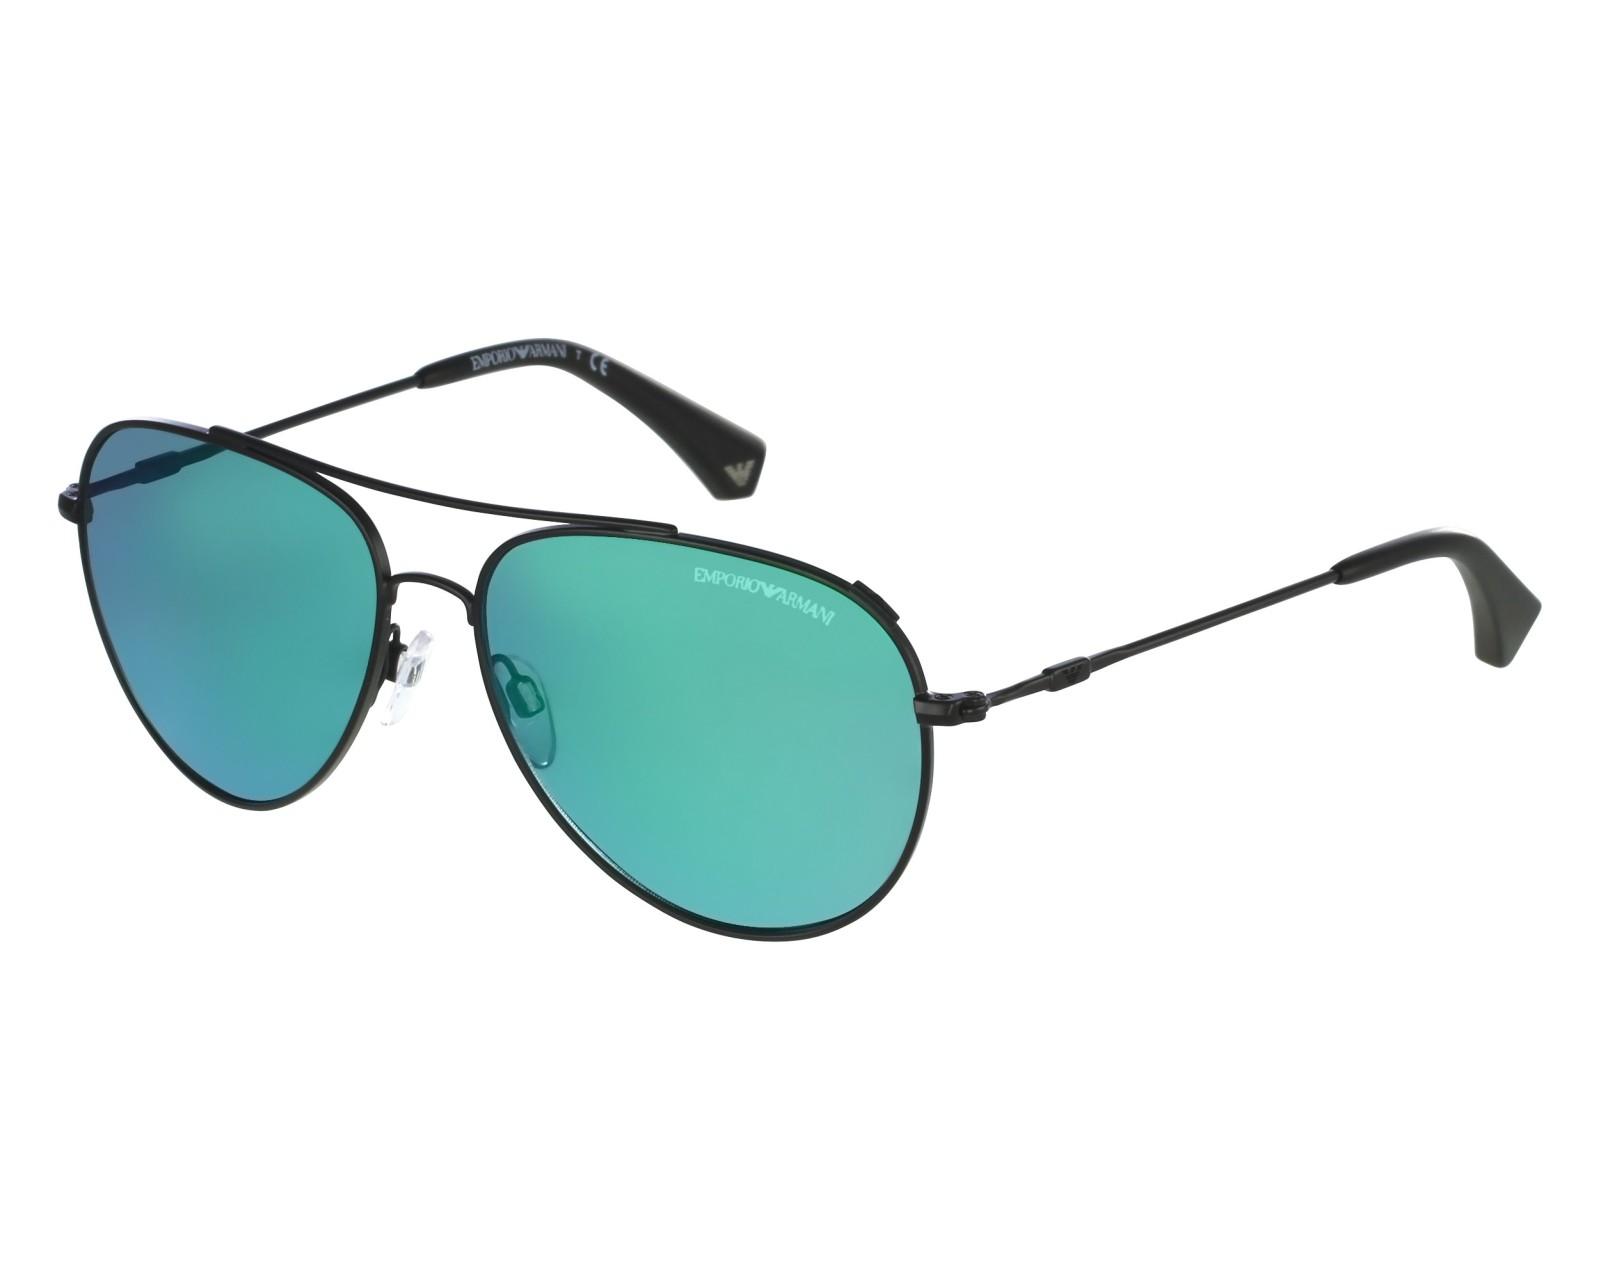 f4e0be47603 Sunglasses Emporio Armani EA-2010 3001 31 - Black front view